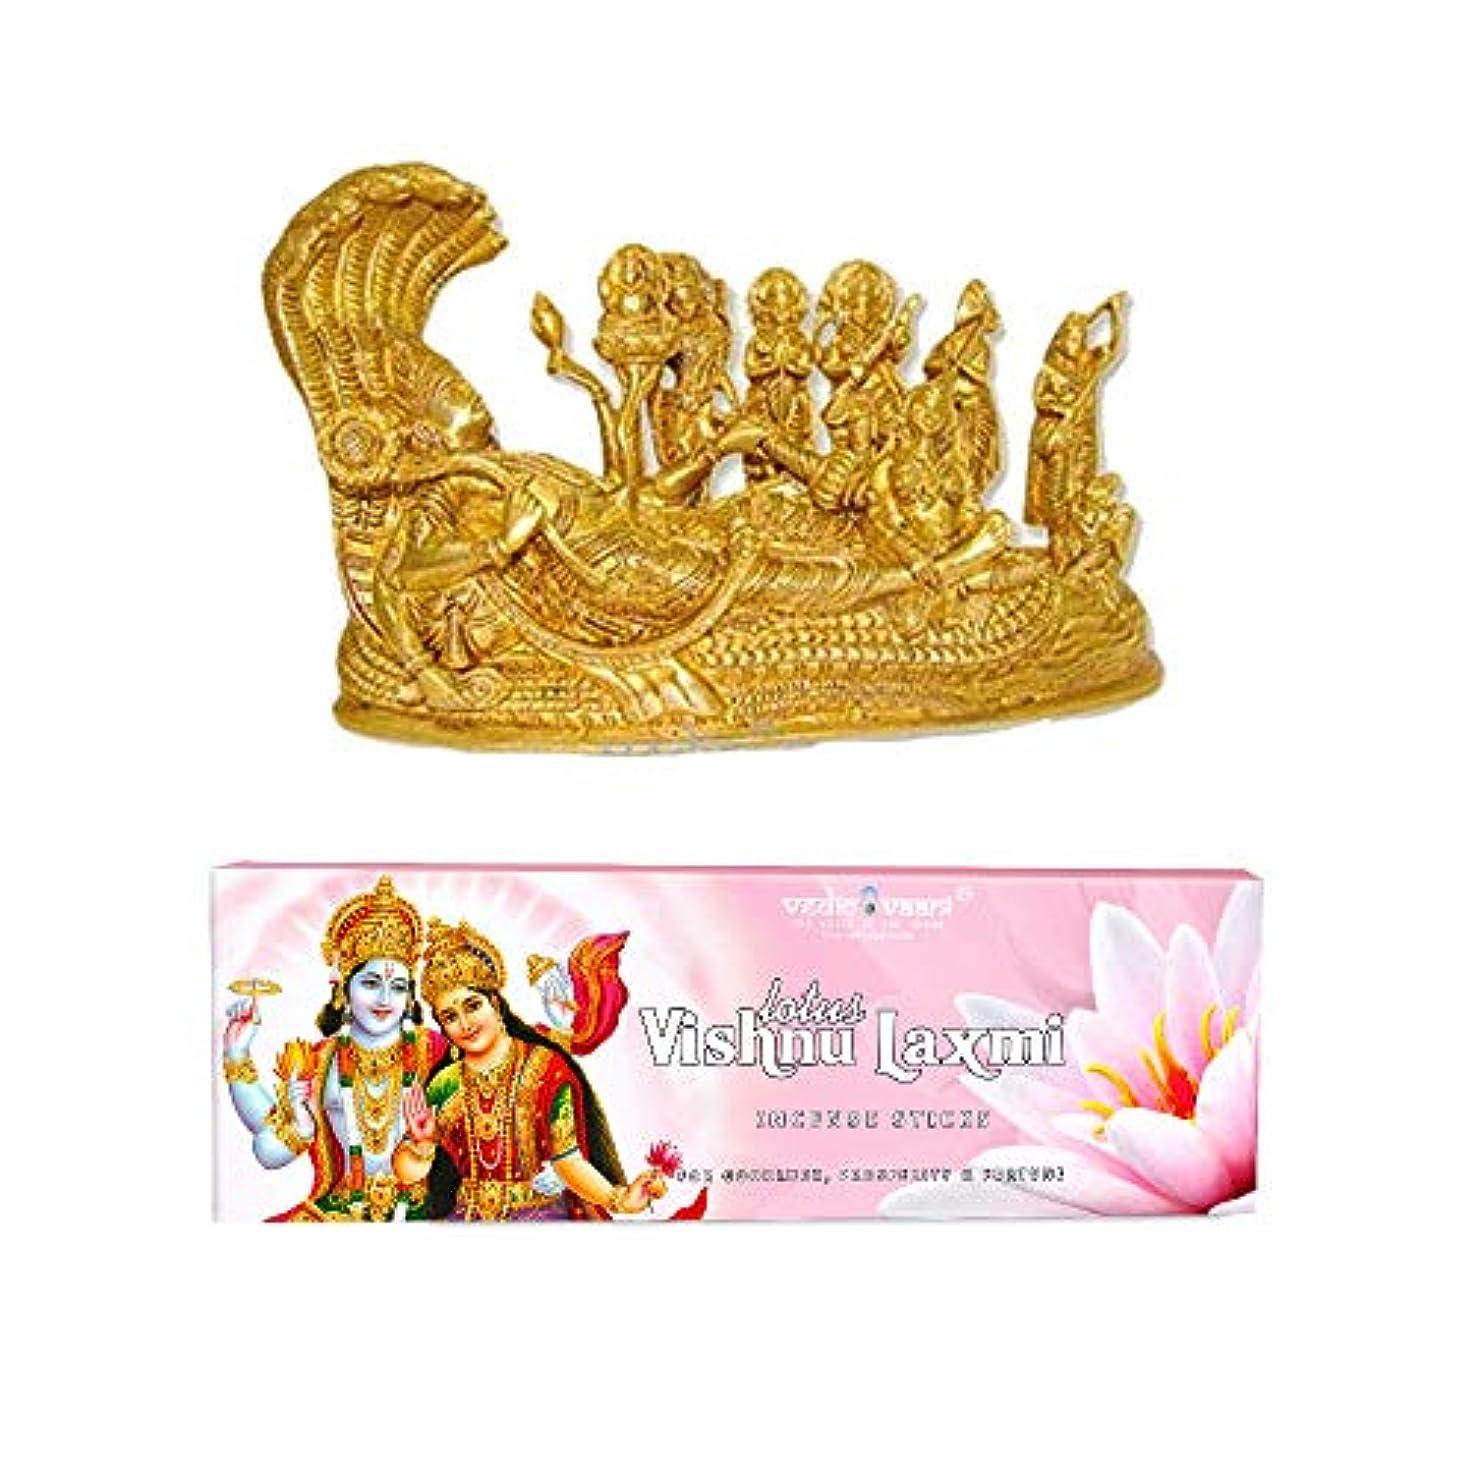 ブローホール無線聴覚障害者Vedic Vaani Vishnu Pariwar with Vishnu Laxmi お香スティック